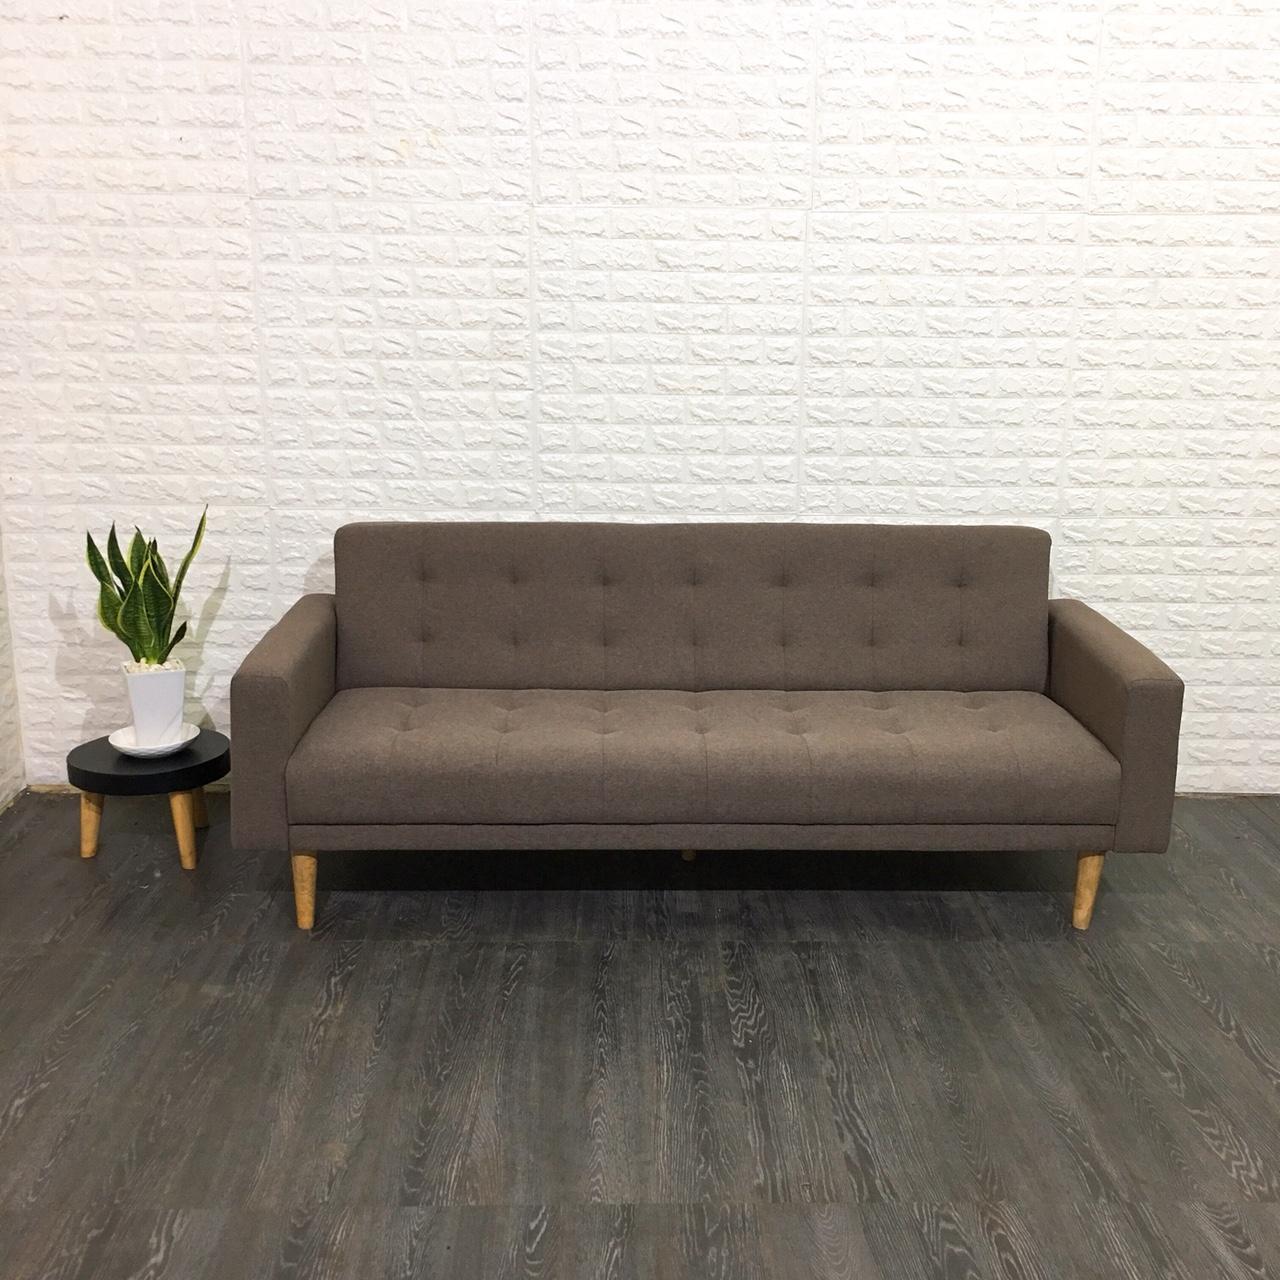 Kết quả hình ảnh cho sofa giường